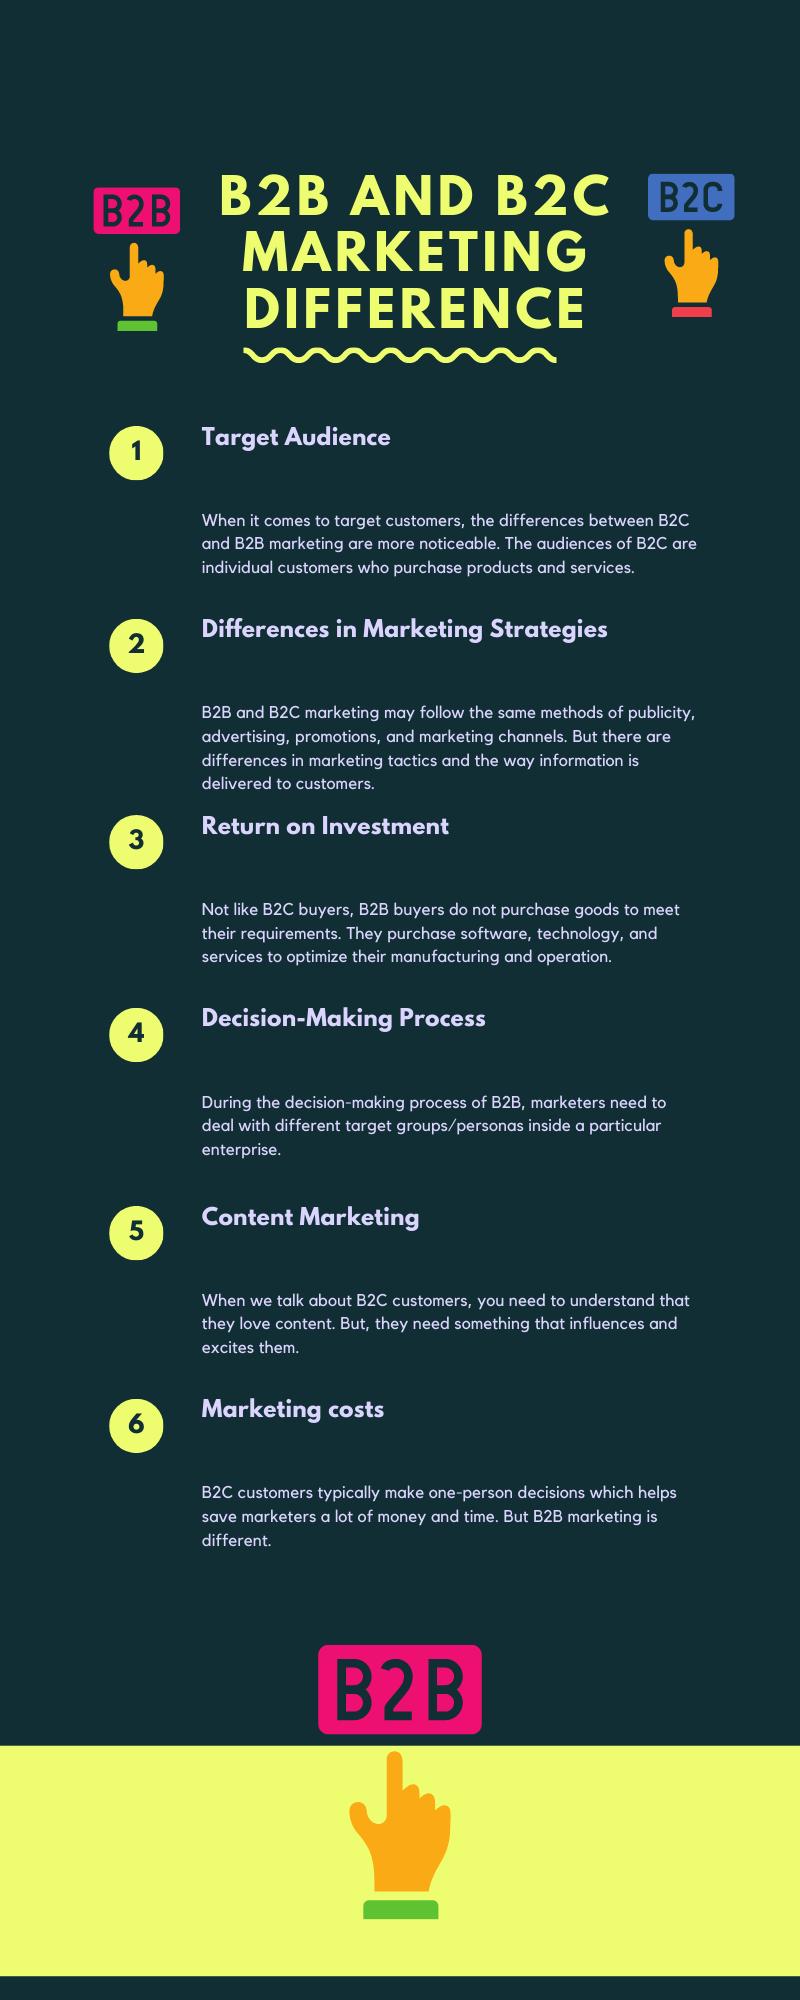 B2B and B2C Marketing infographic